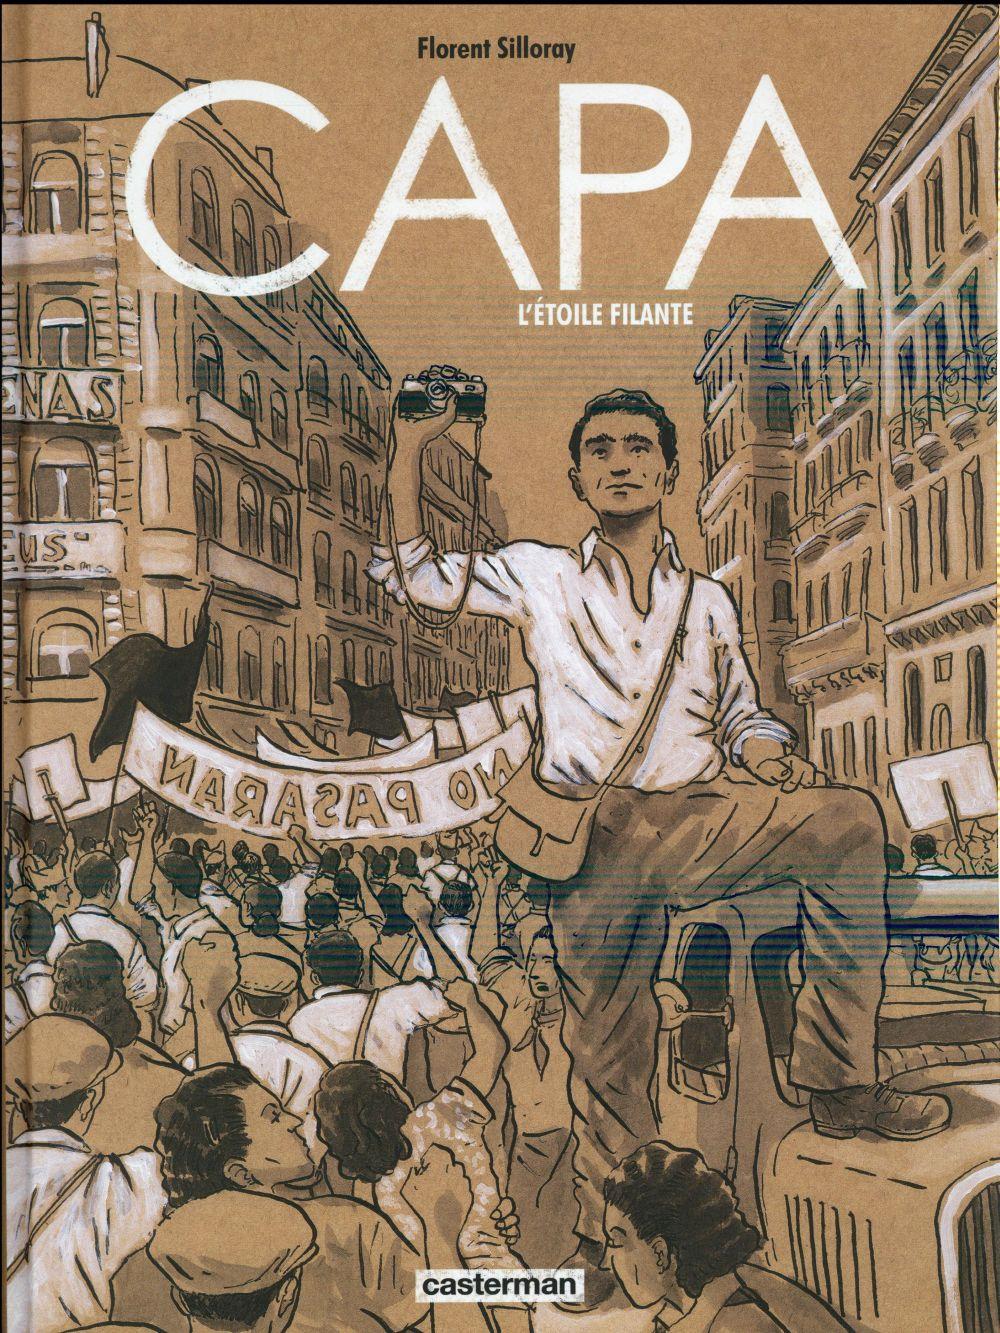 CAPA - L'ETOILE FILANTE